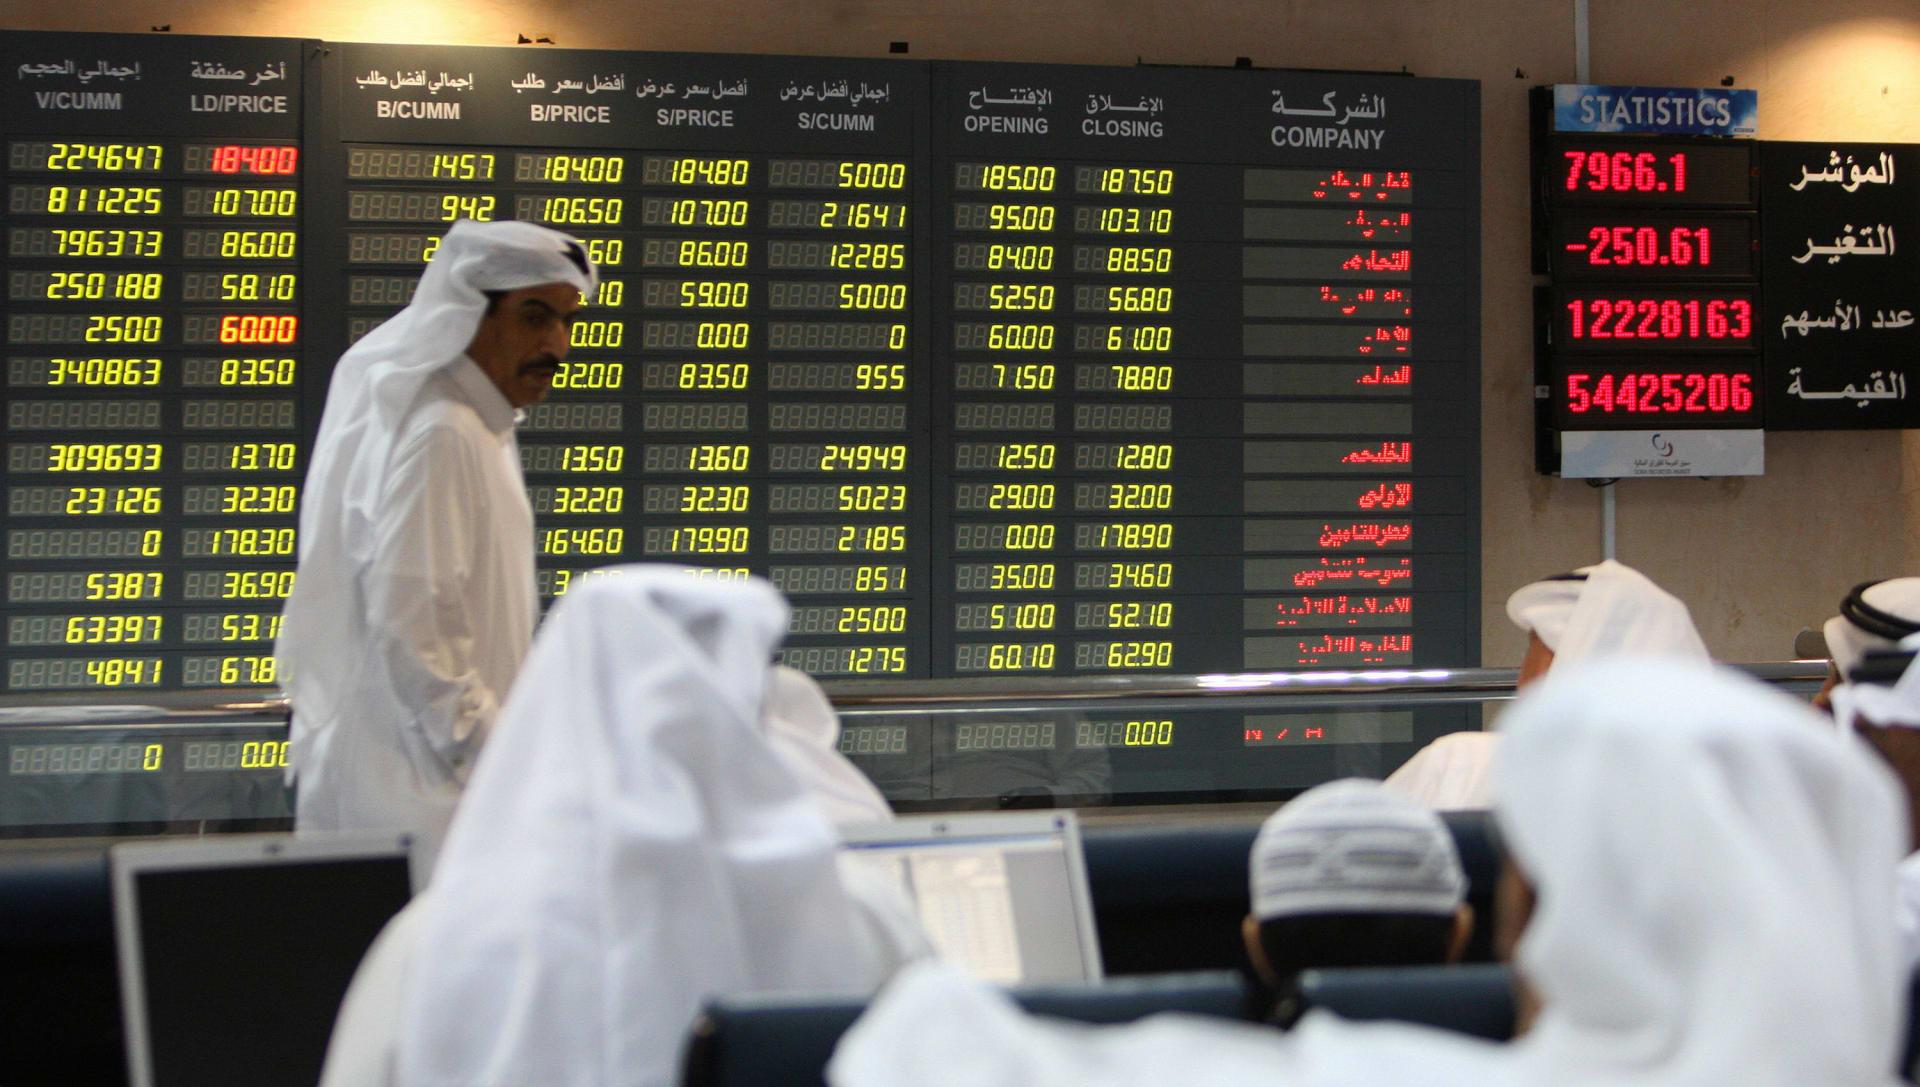 بورصة قطر تلغي تعاملات 80 دقيقة من جلسة اليوم.. فما السبب؟